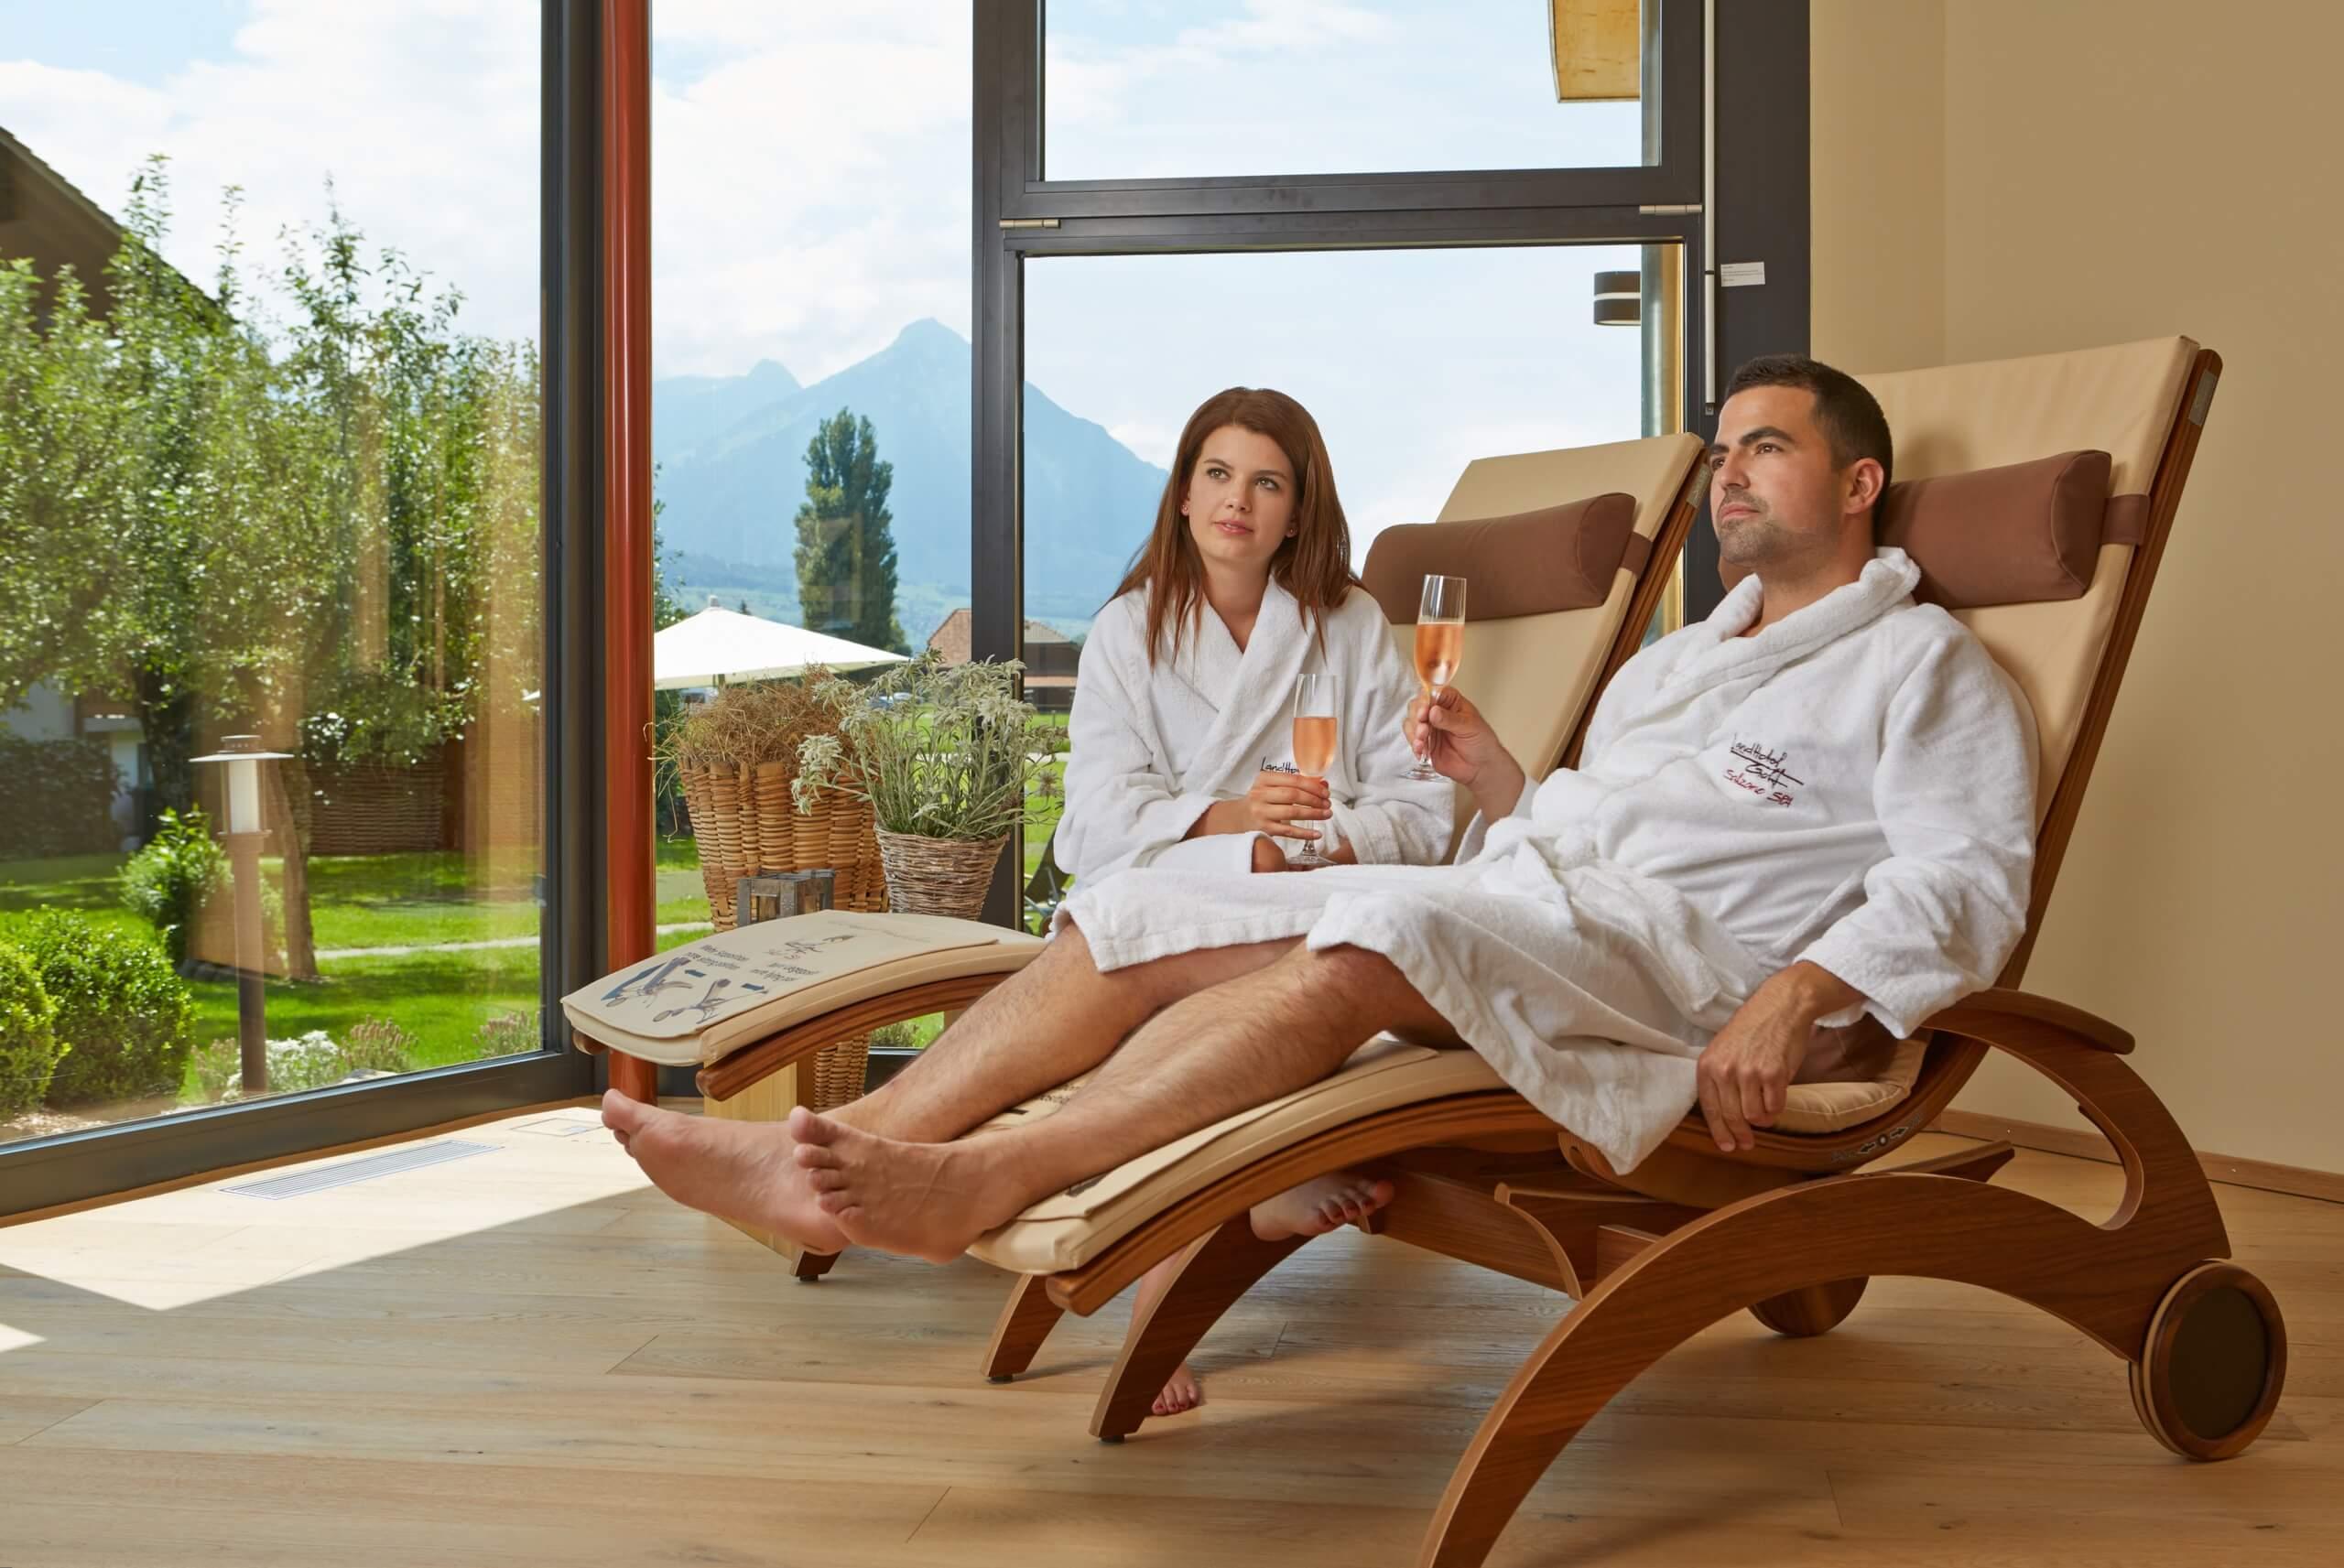 salzano-spa-aussicht-liegestuehle-wellness-bademantel